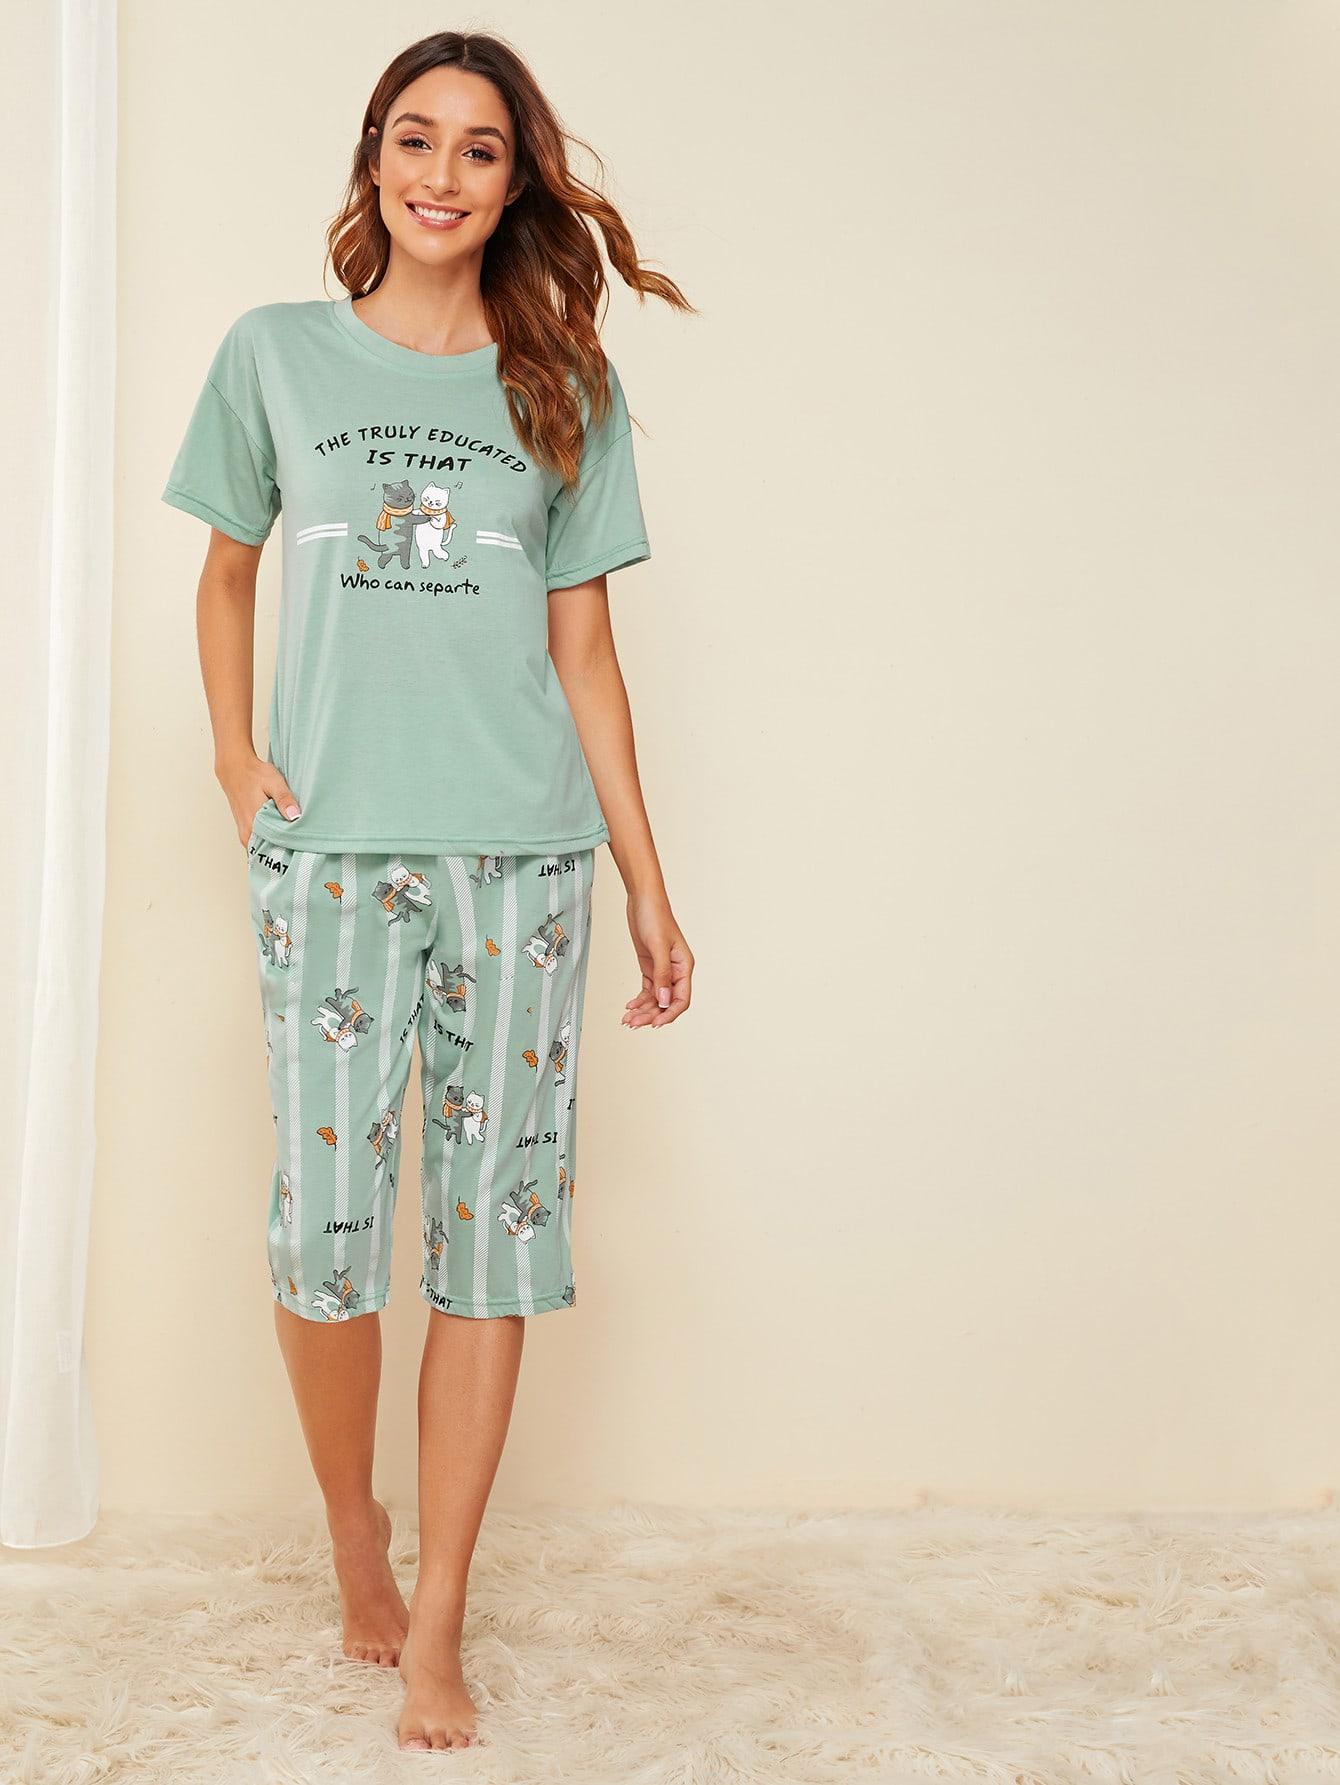 Фото - Полосатая пижама с текстовым и графическим принтом от SheIn цвет зелёные